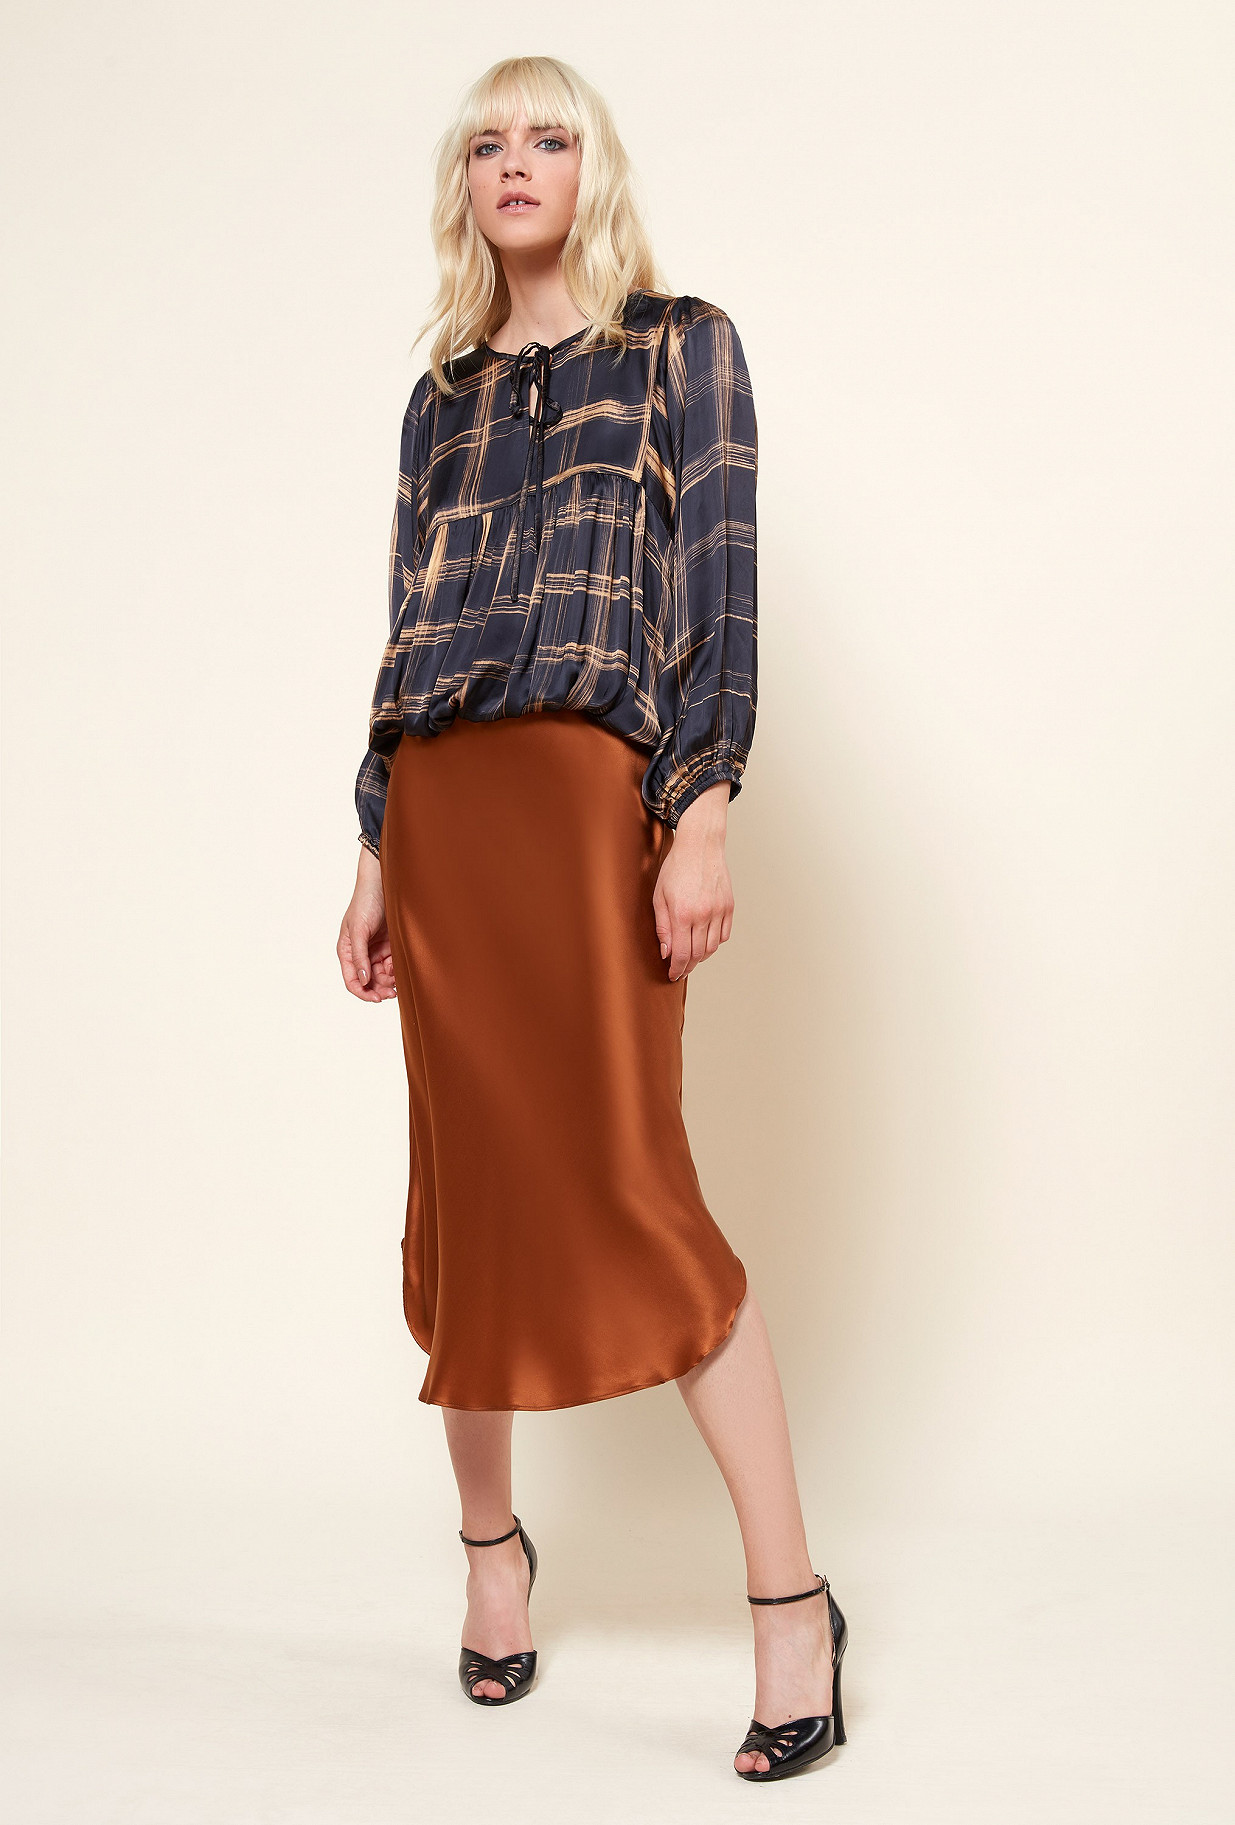 Paris clothes store Blouse  Gallieni french designer fashion Paris